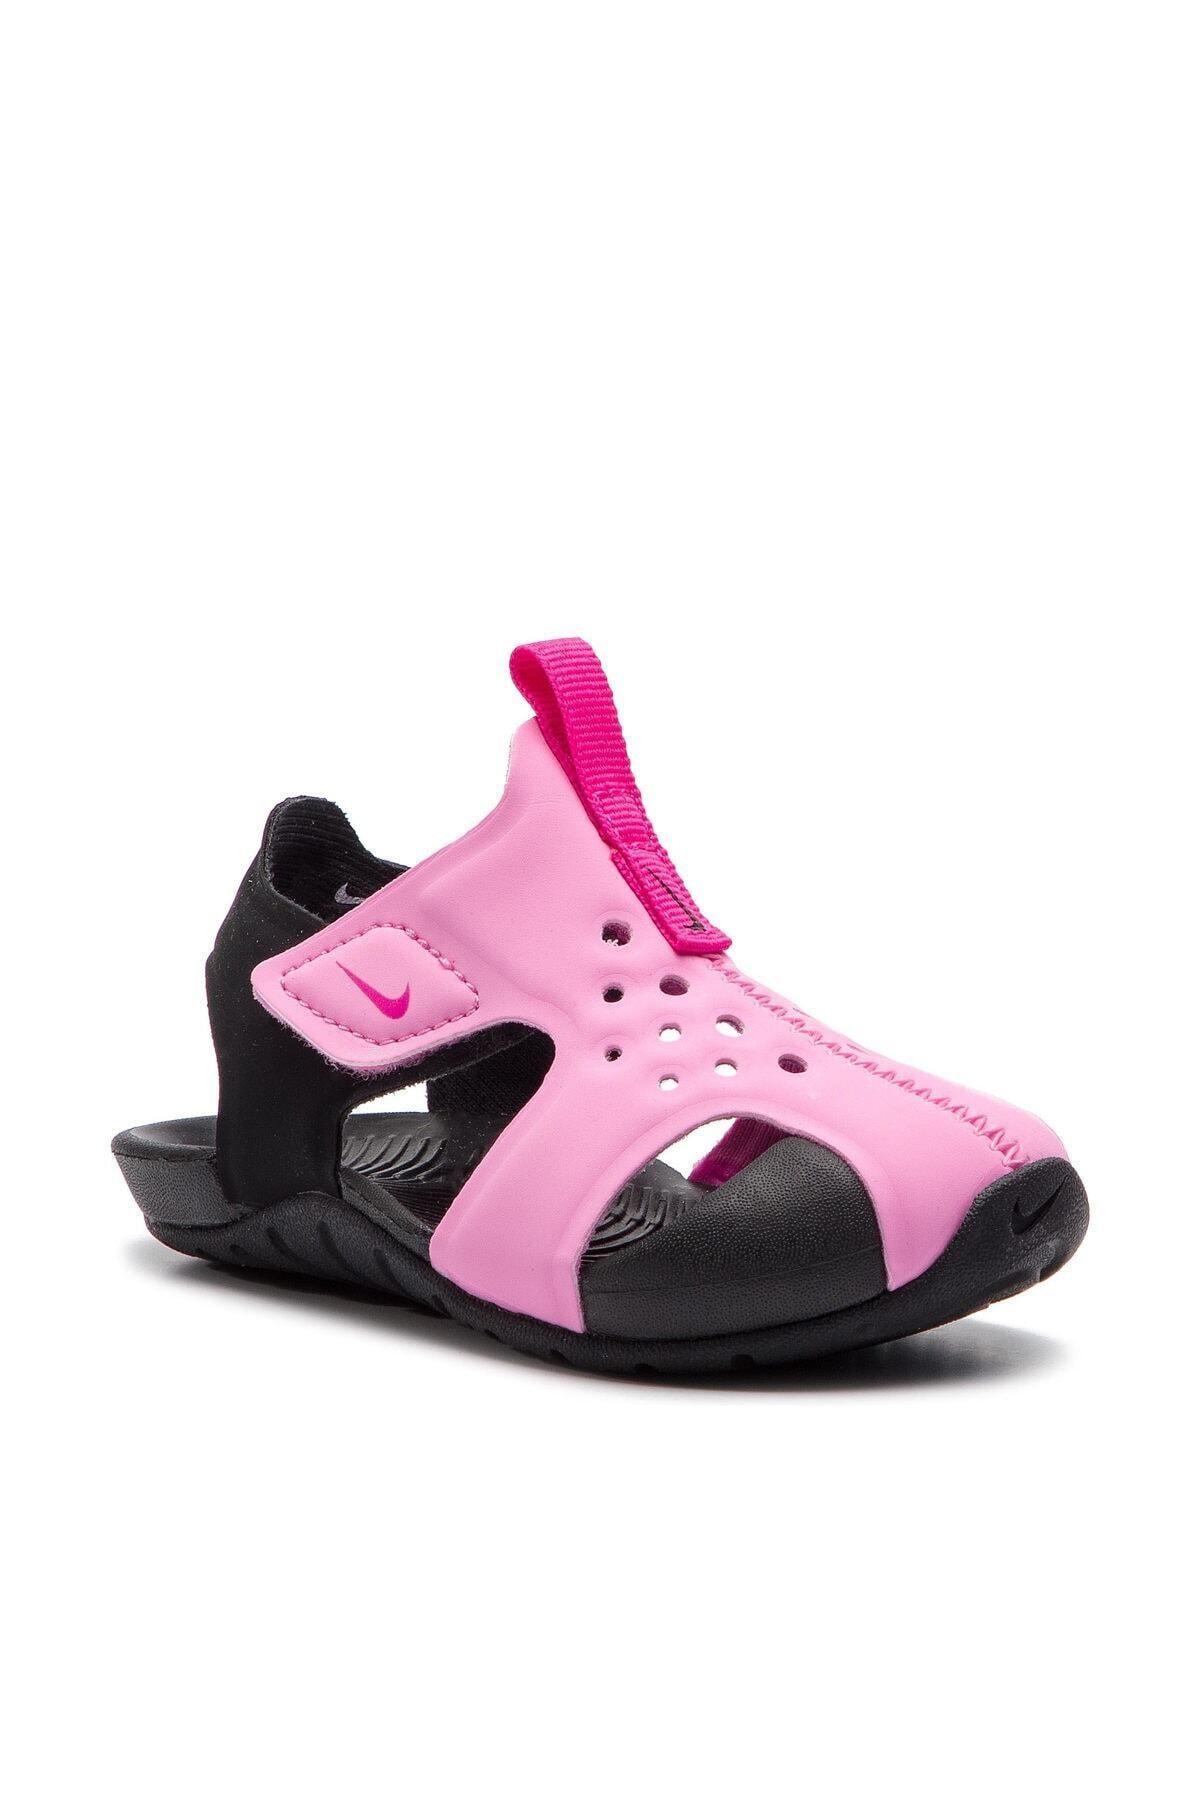 Nike Kids Kız Bebek Pembe Sandalet 943827-602 1